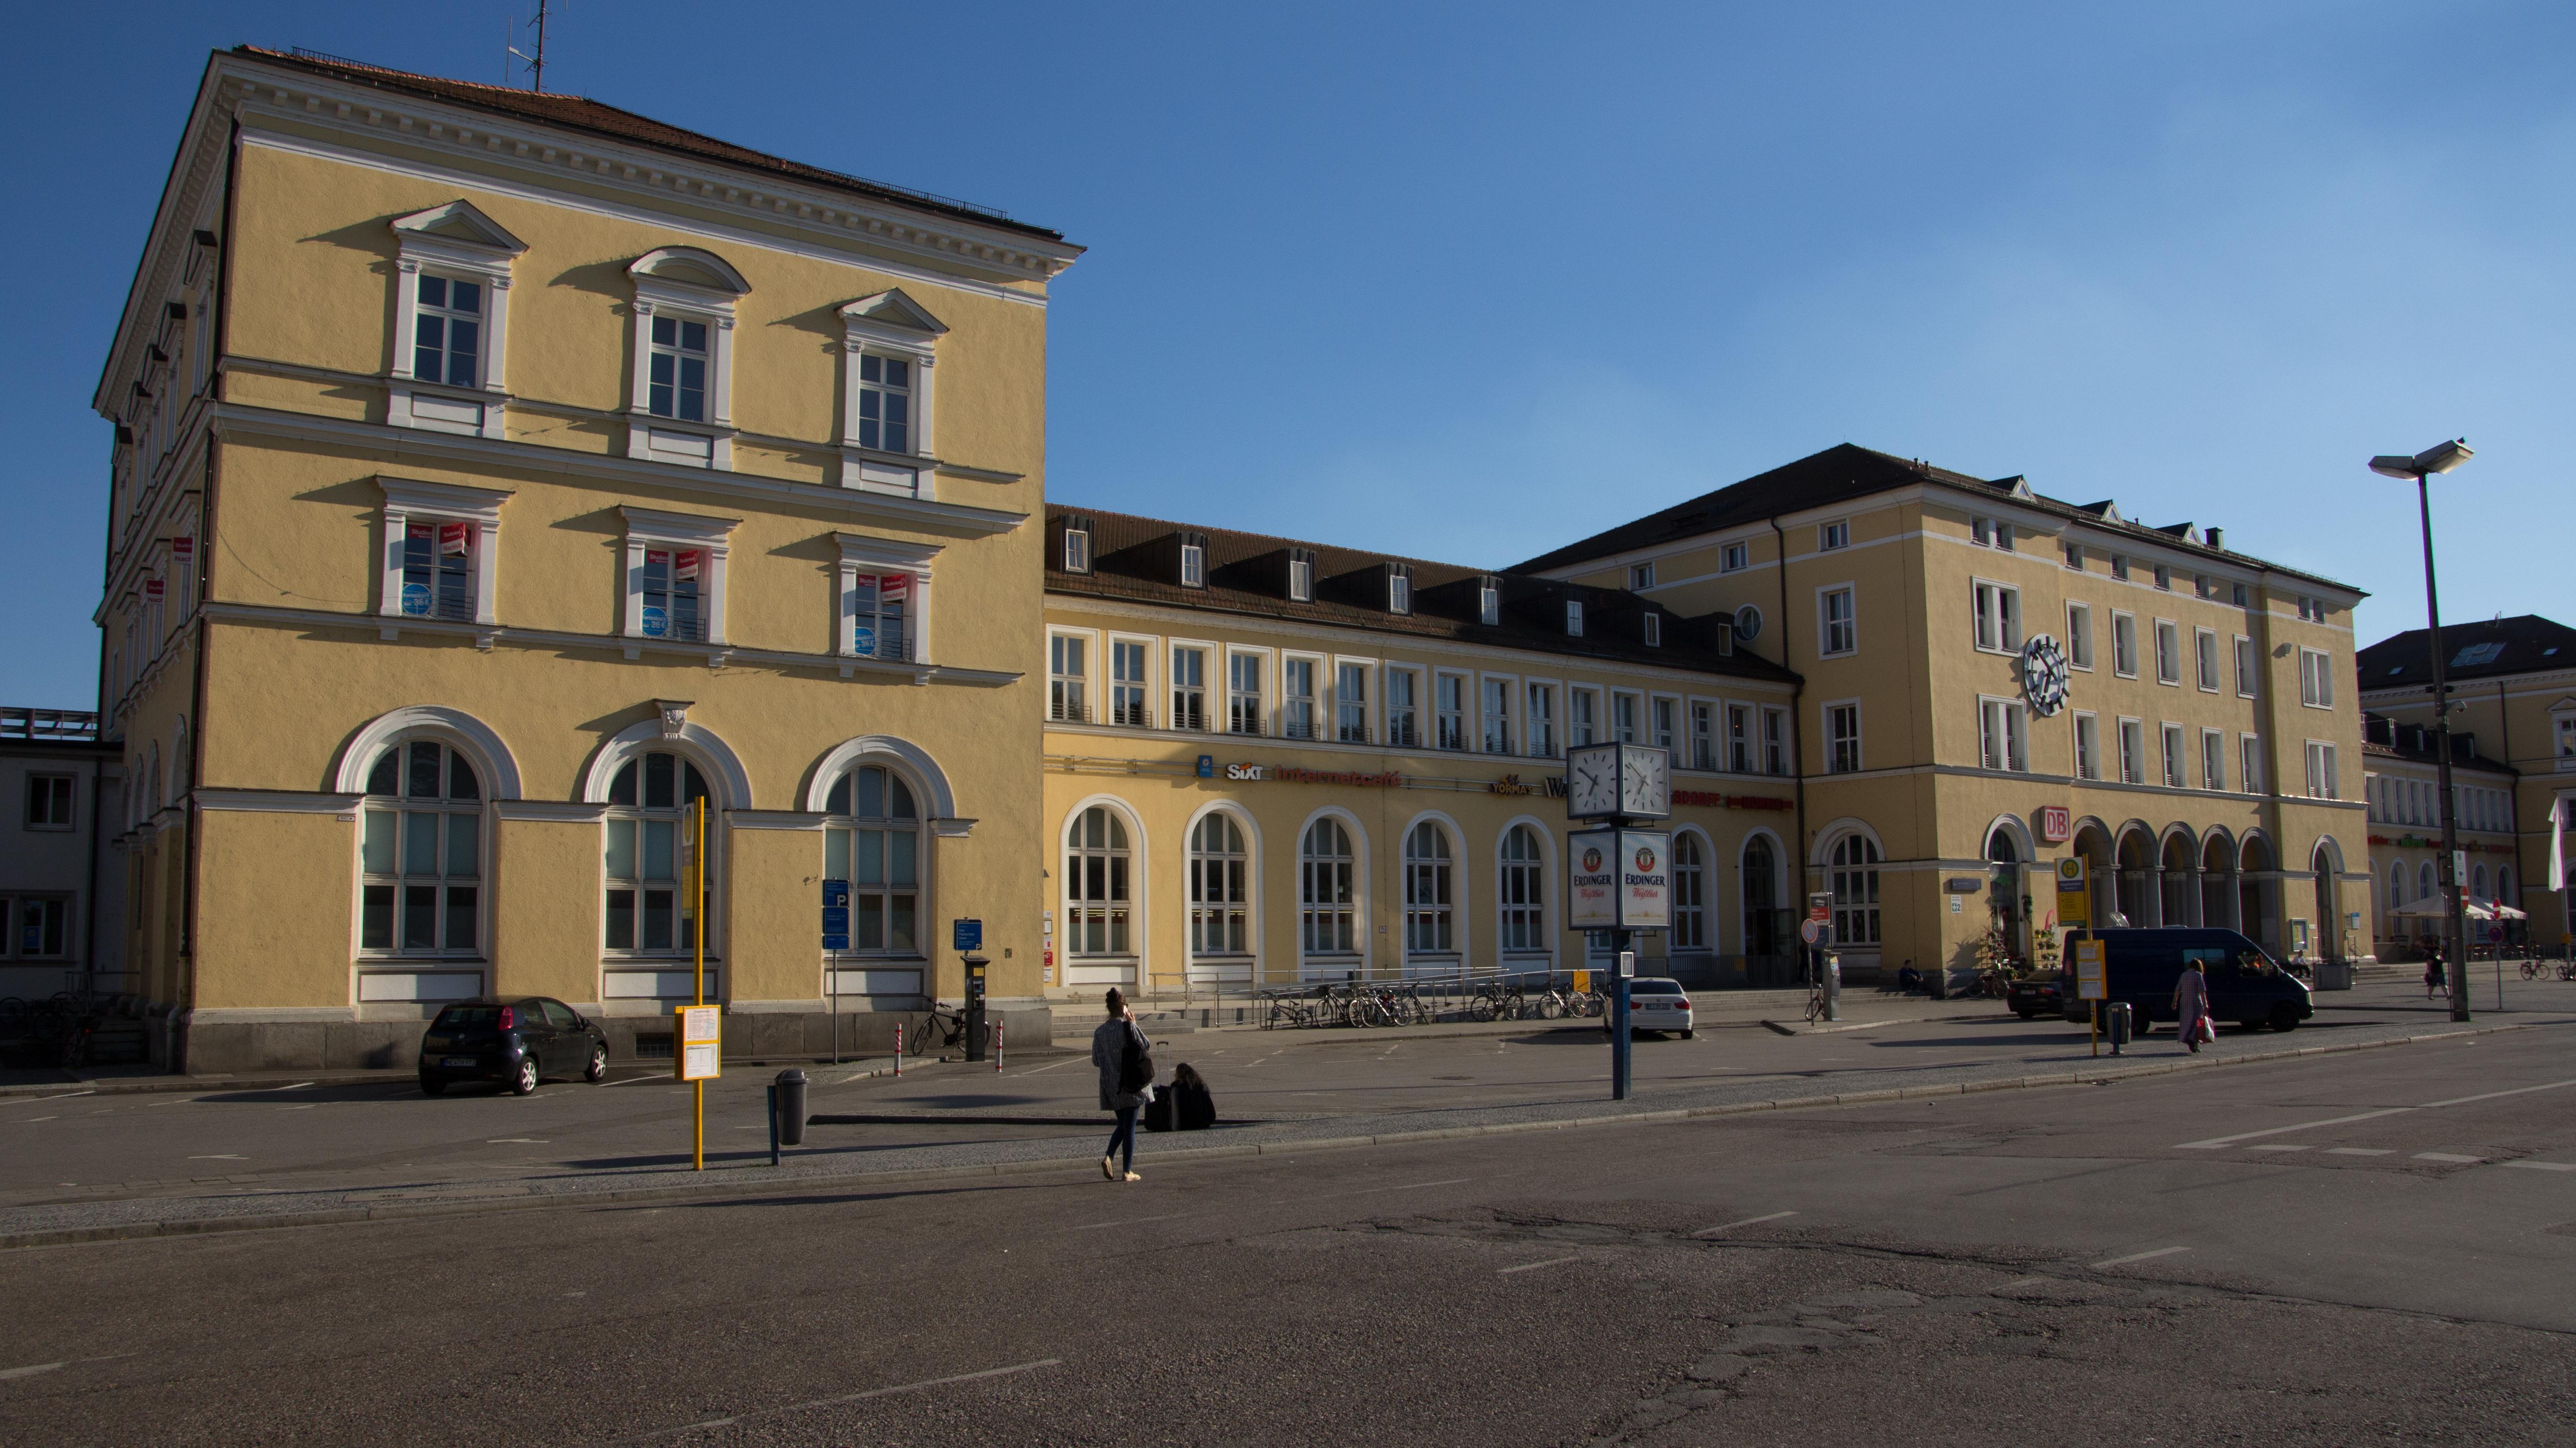 Die Fassade des Regensburger Hauptbahnhofs, von der Straßenseite aus.